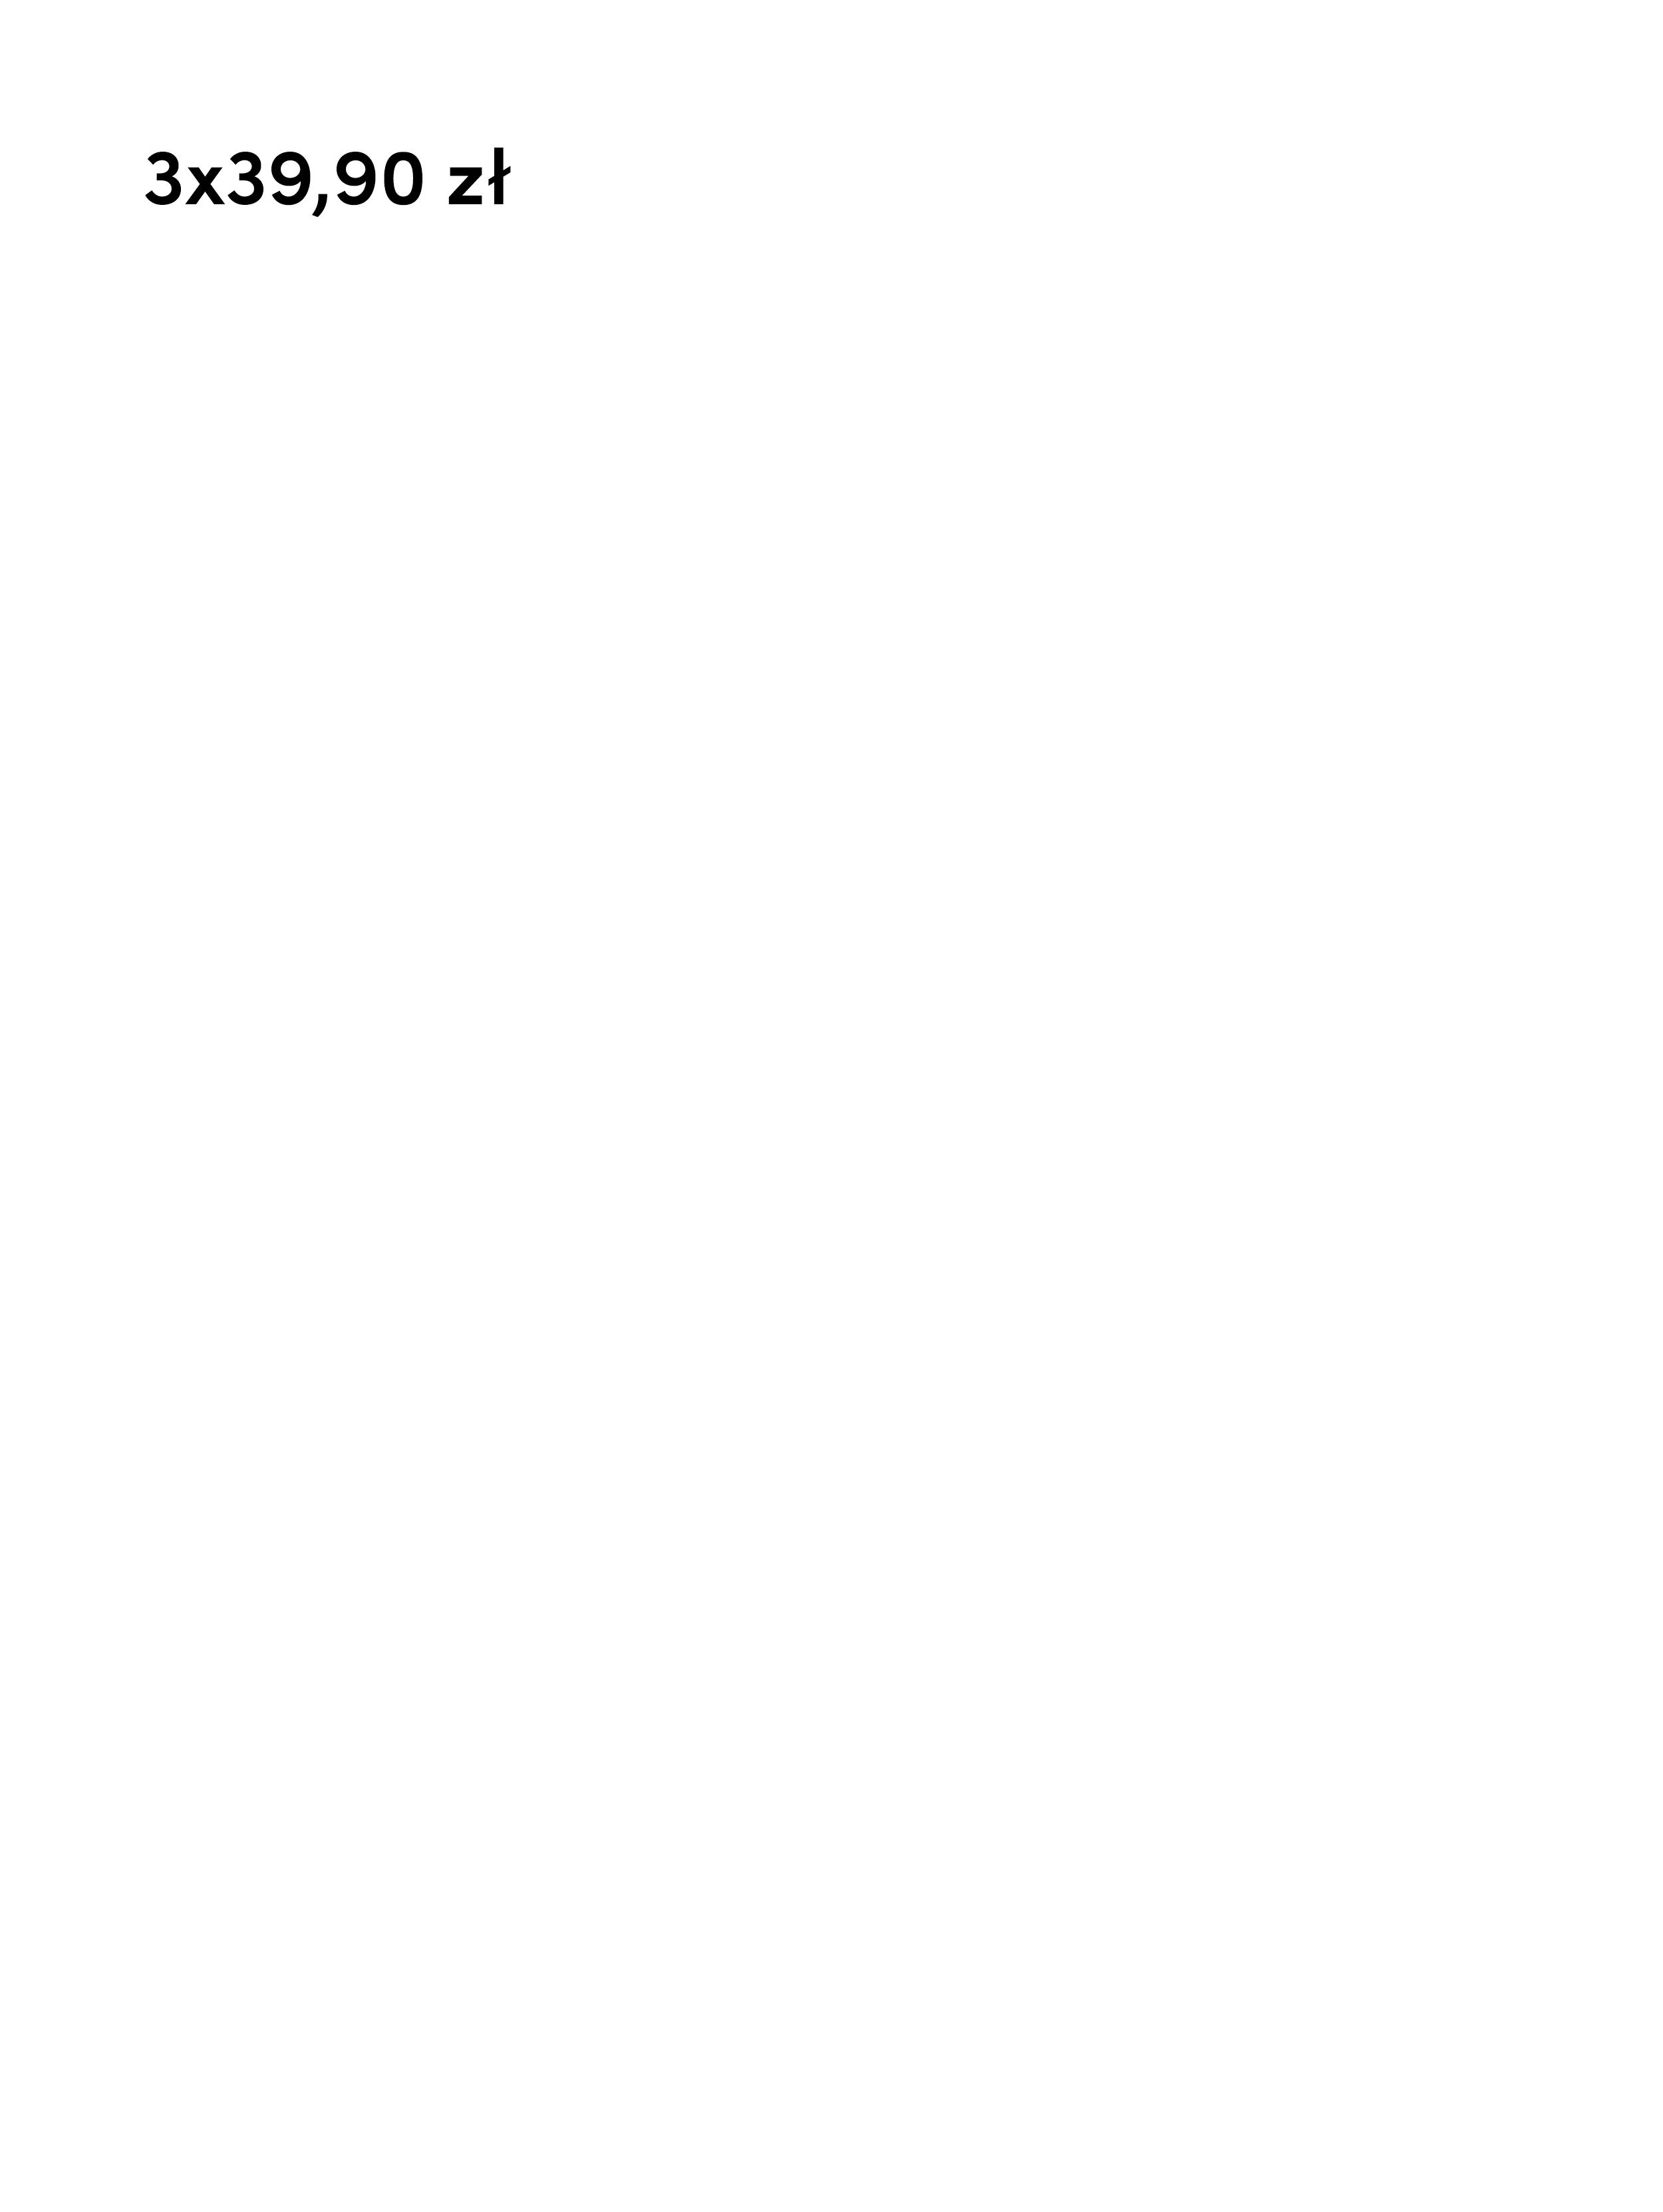 PL_3x39,90